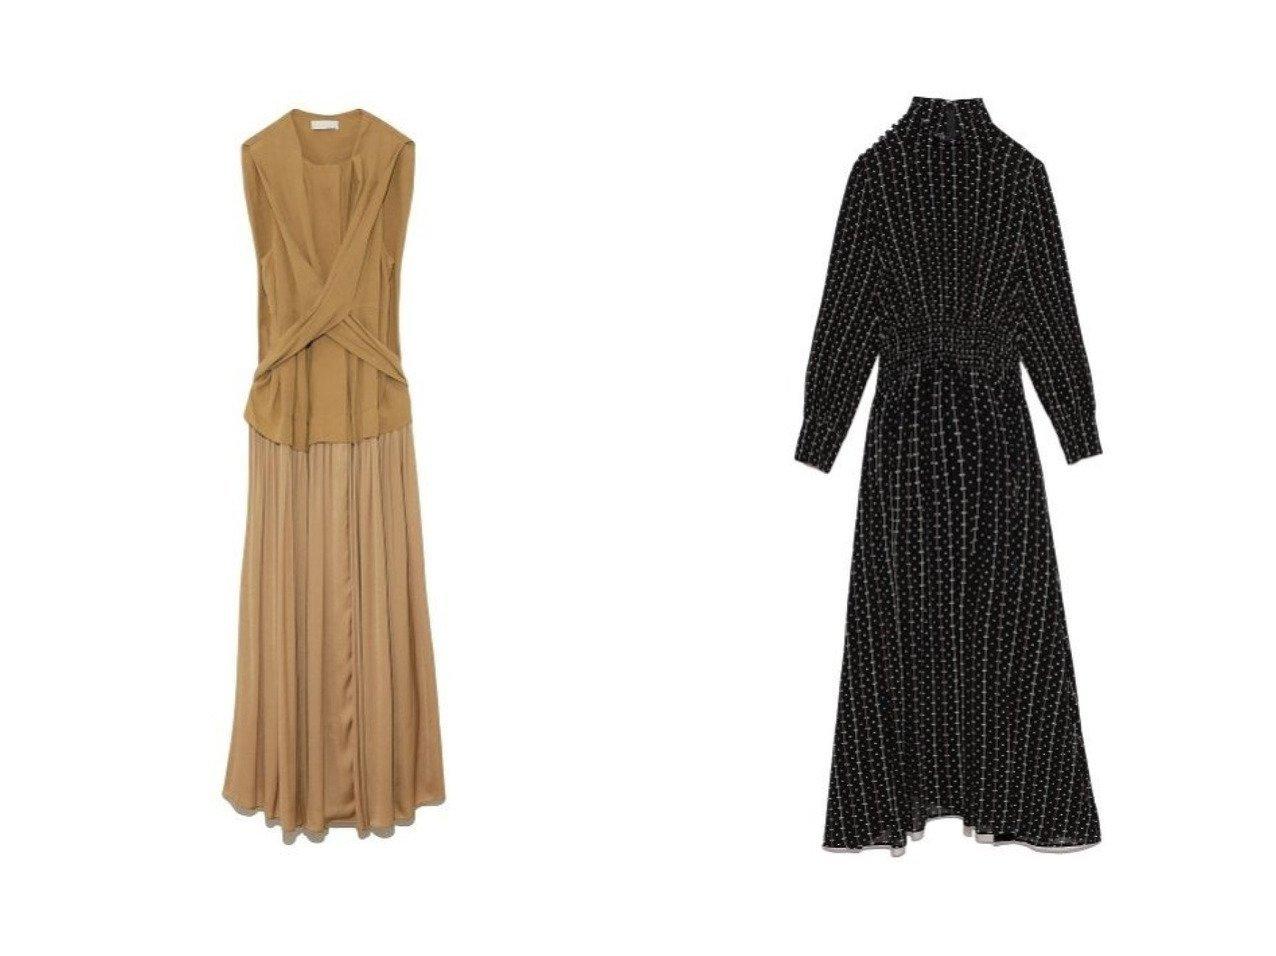 【FRAY I.D/フレイ アイディー】のハイネックショルダーボタンOP&【styling/スタイリング】のギャザードッキングドレス ワンピース・ドレスのおすすめ!人気、トレンド・レディースファッションの通販 おすすめで人気の流行・トレンド、ファッションの通販商品 メンズファッション・キッズファッション・インテリア・家具・レディースファッション・服の通販 founy(ファニー) https://founy.com/ ファッション Fashion レディースファッション WOMEN ワンピース Dress ドレス Party Dresses マキシワンピース Maxi Dress ギャザー ドッキング ドレス フロント マキシ リボン ロング クラシカル シャーリング ハイネック フィット |ID:crp329100000011515